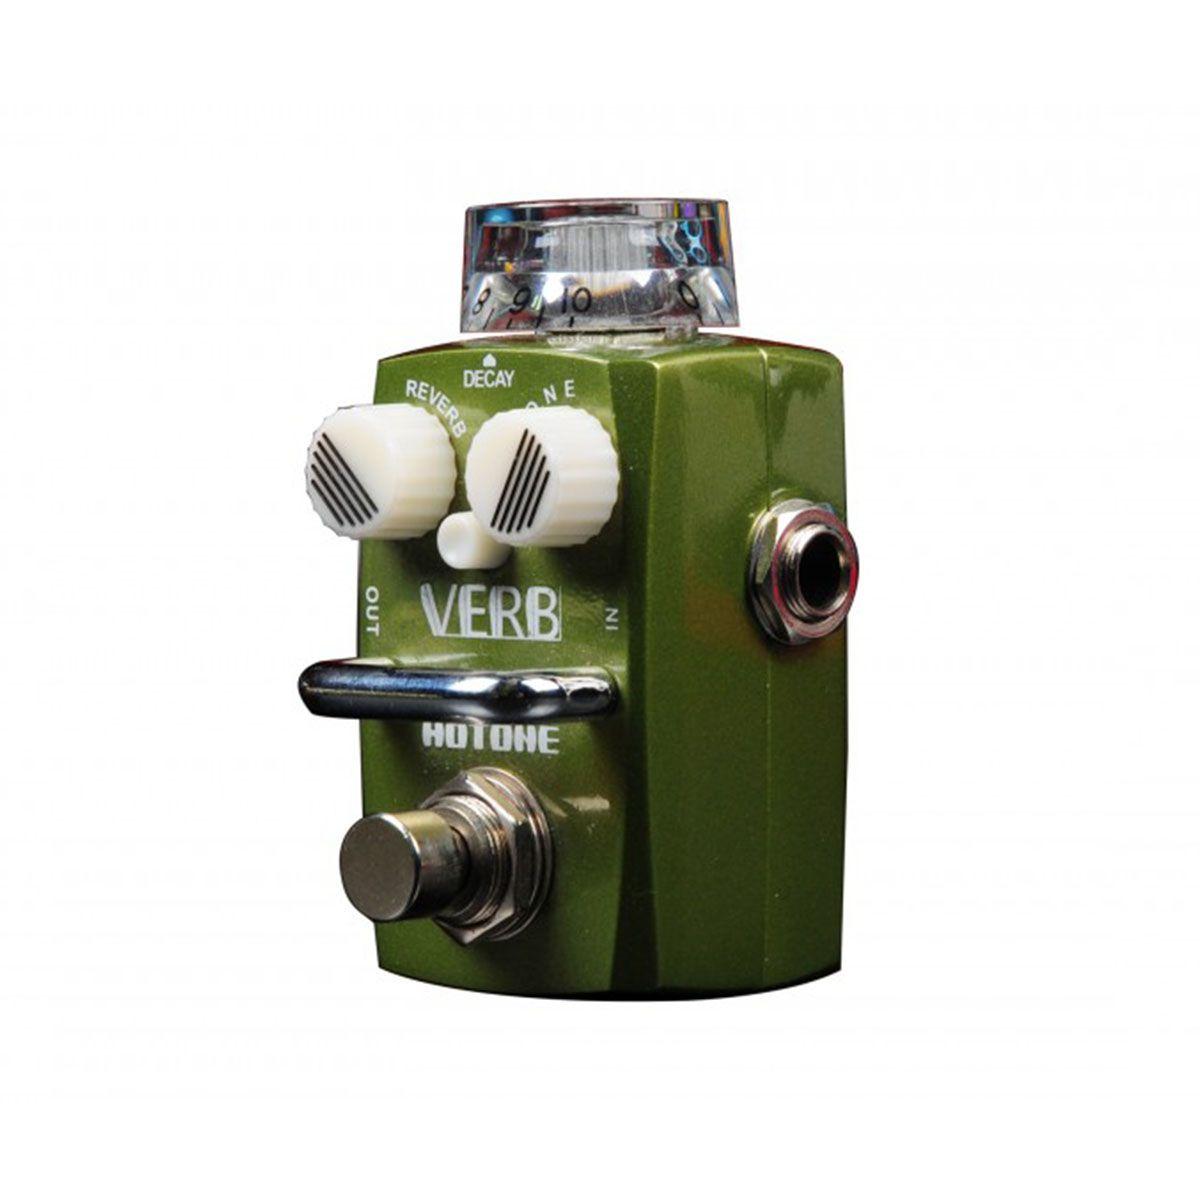 Pedal Skyline Hotone Verb SRV-1 Digital Reverb